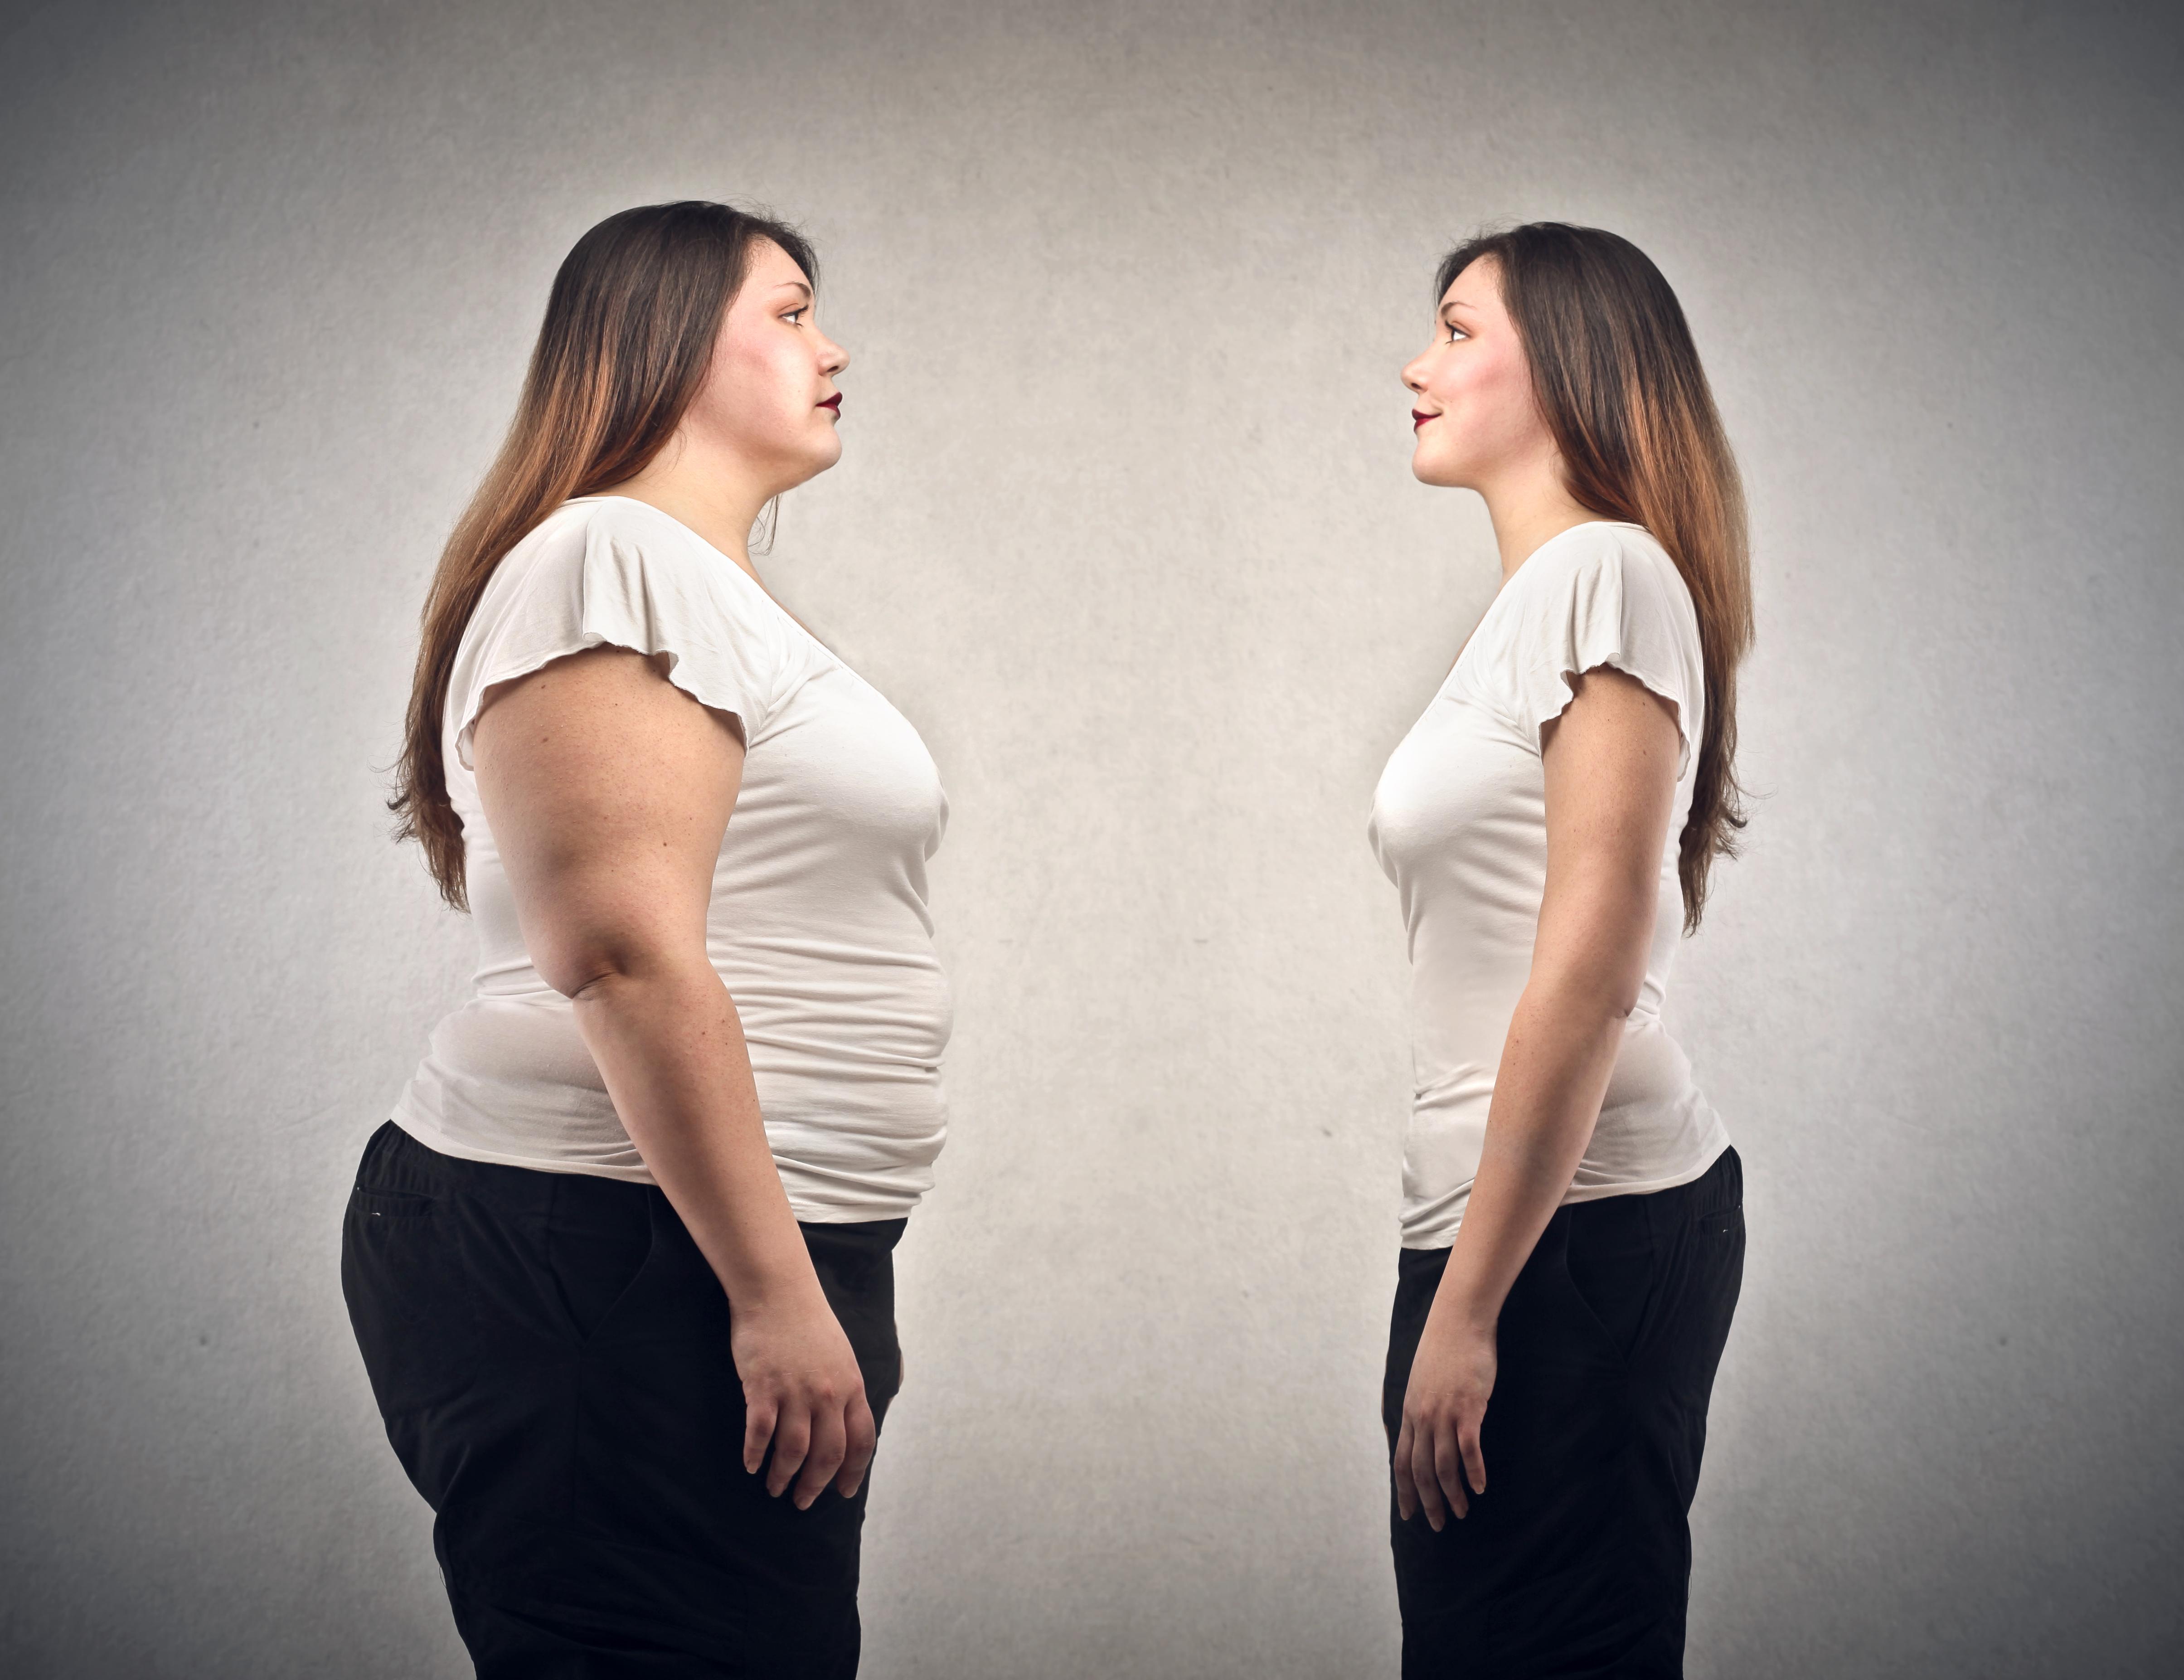 Рассказы о толстых женщинах 16 фотография